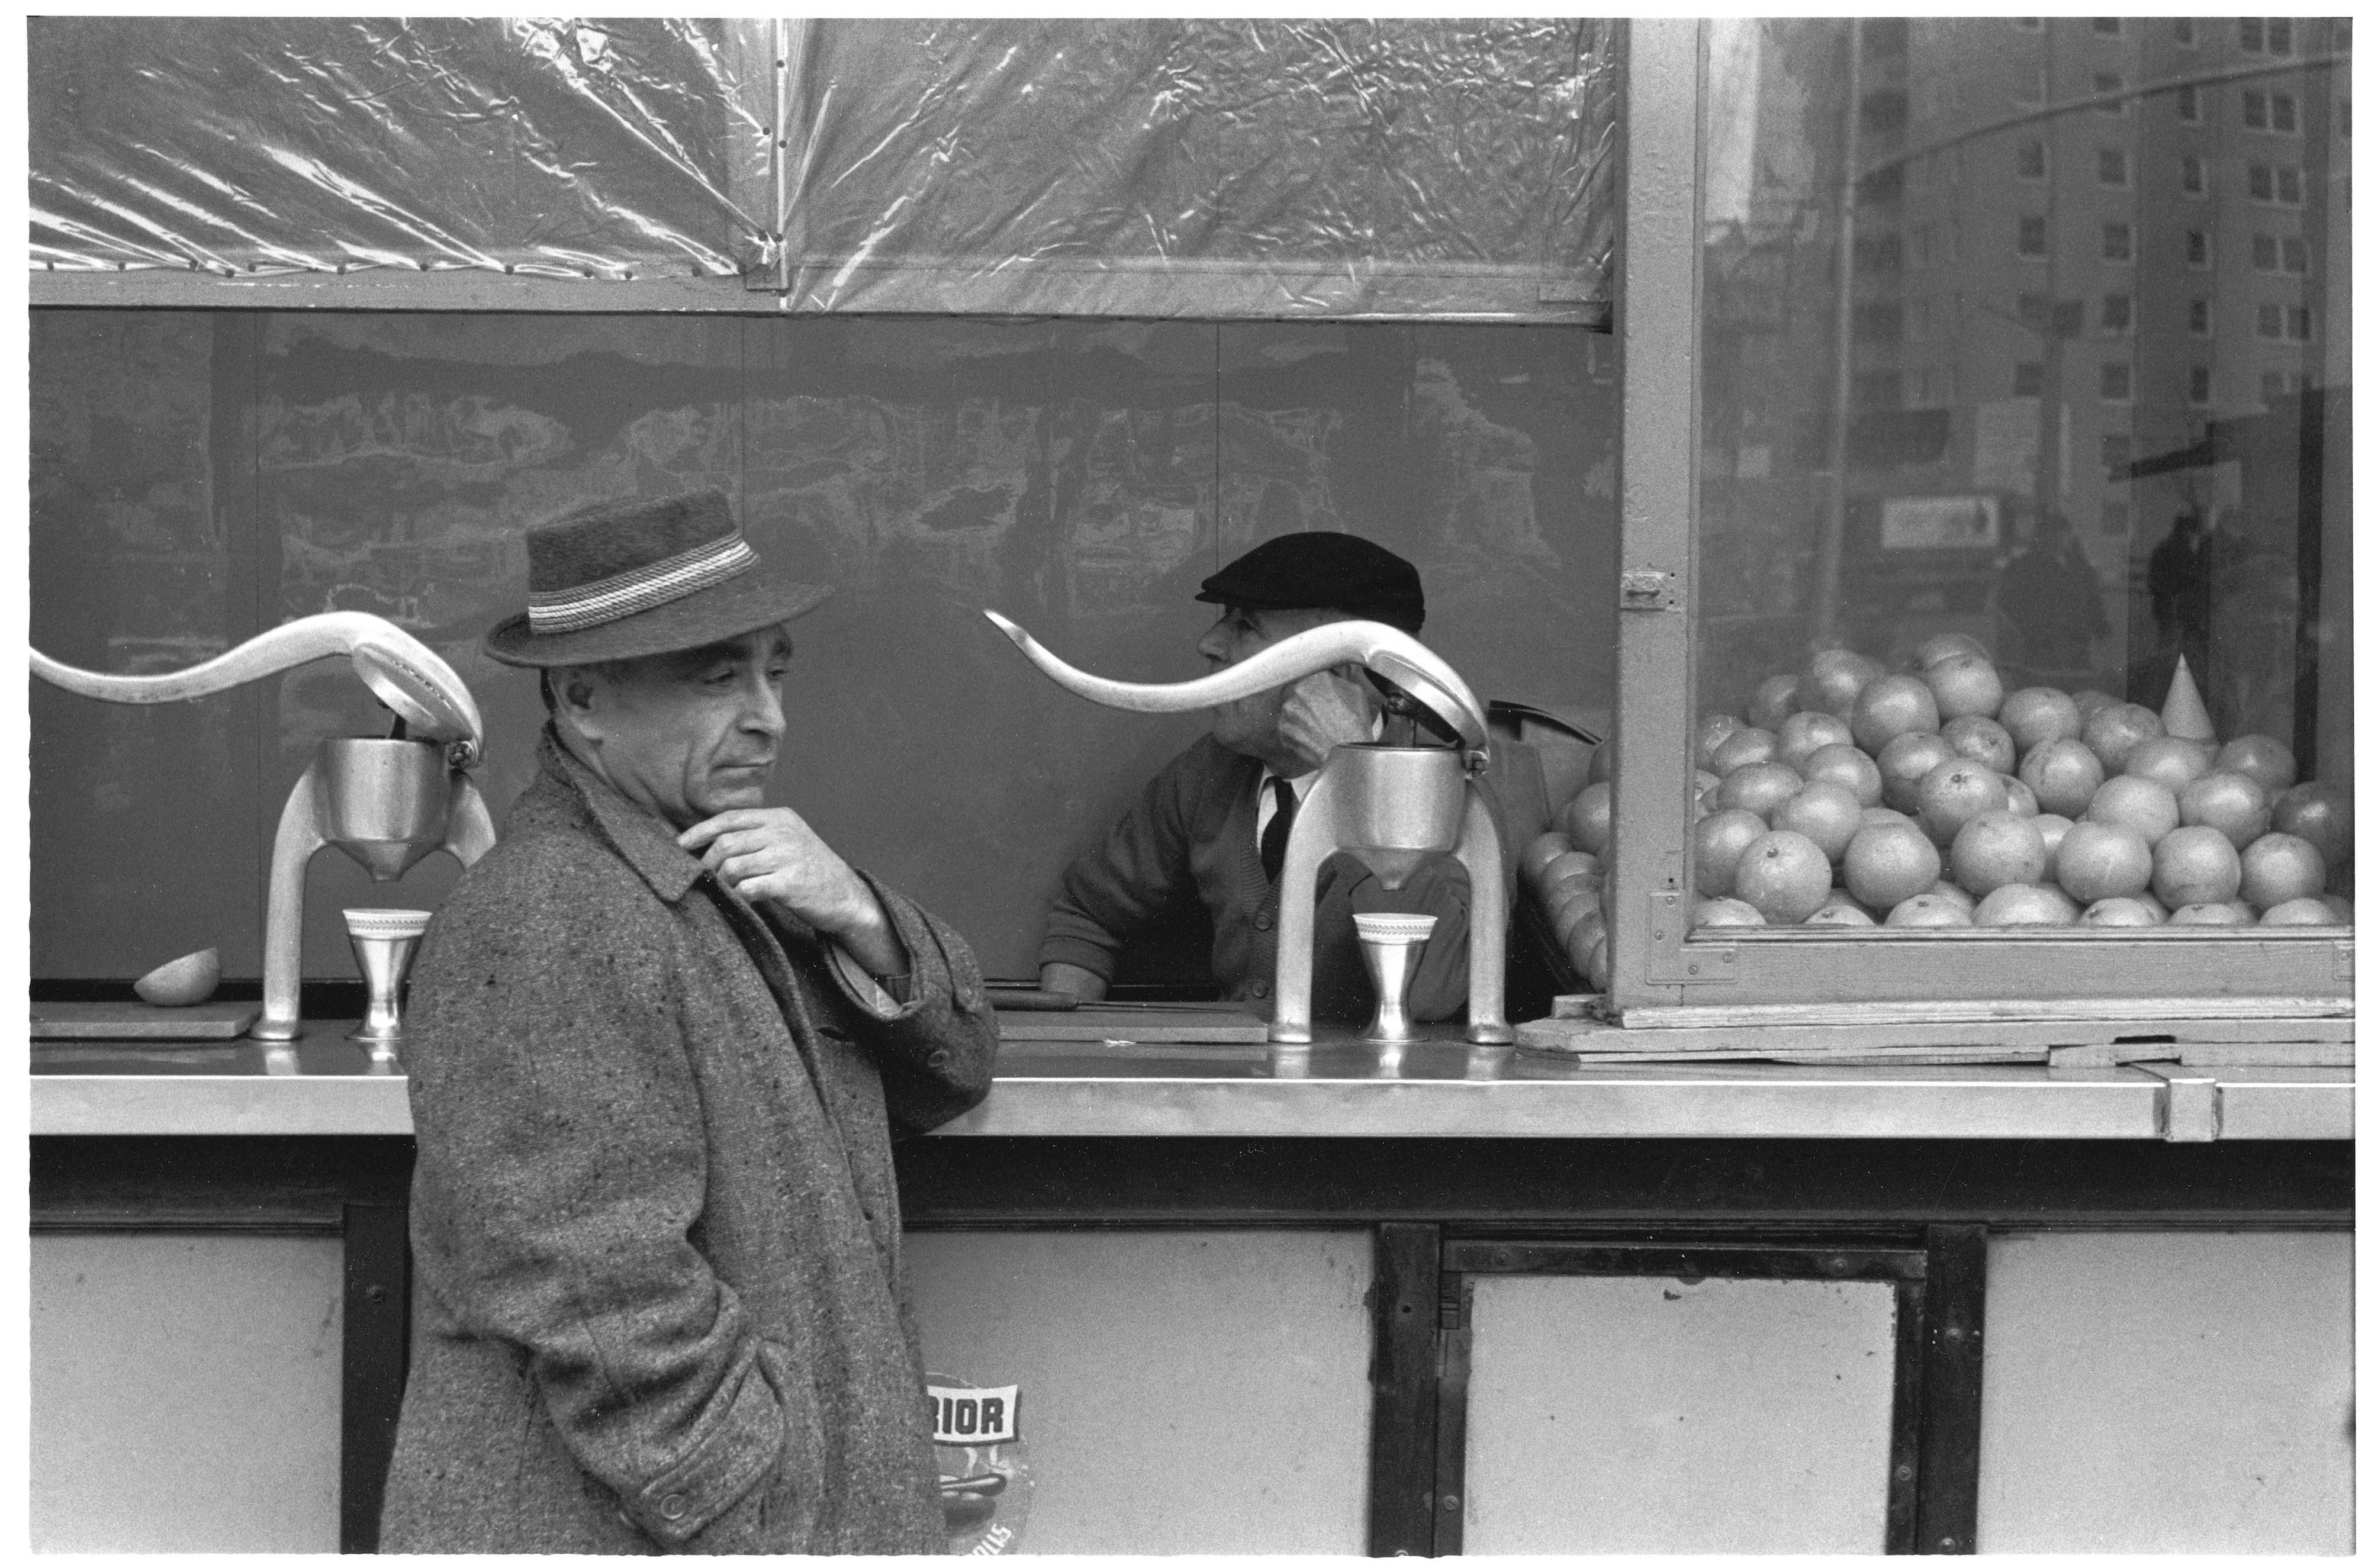 Orange juice stand, 1960